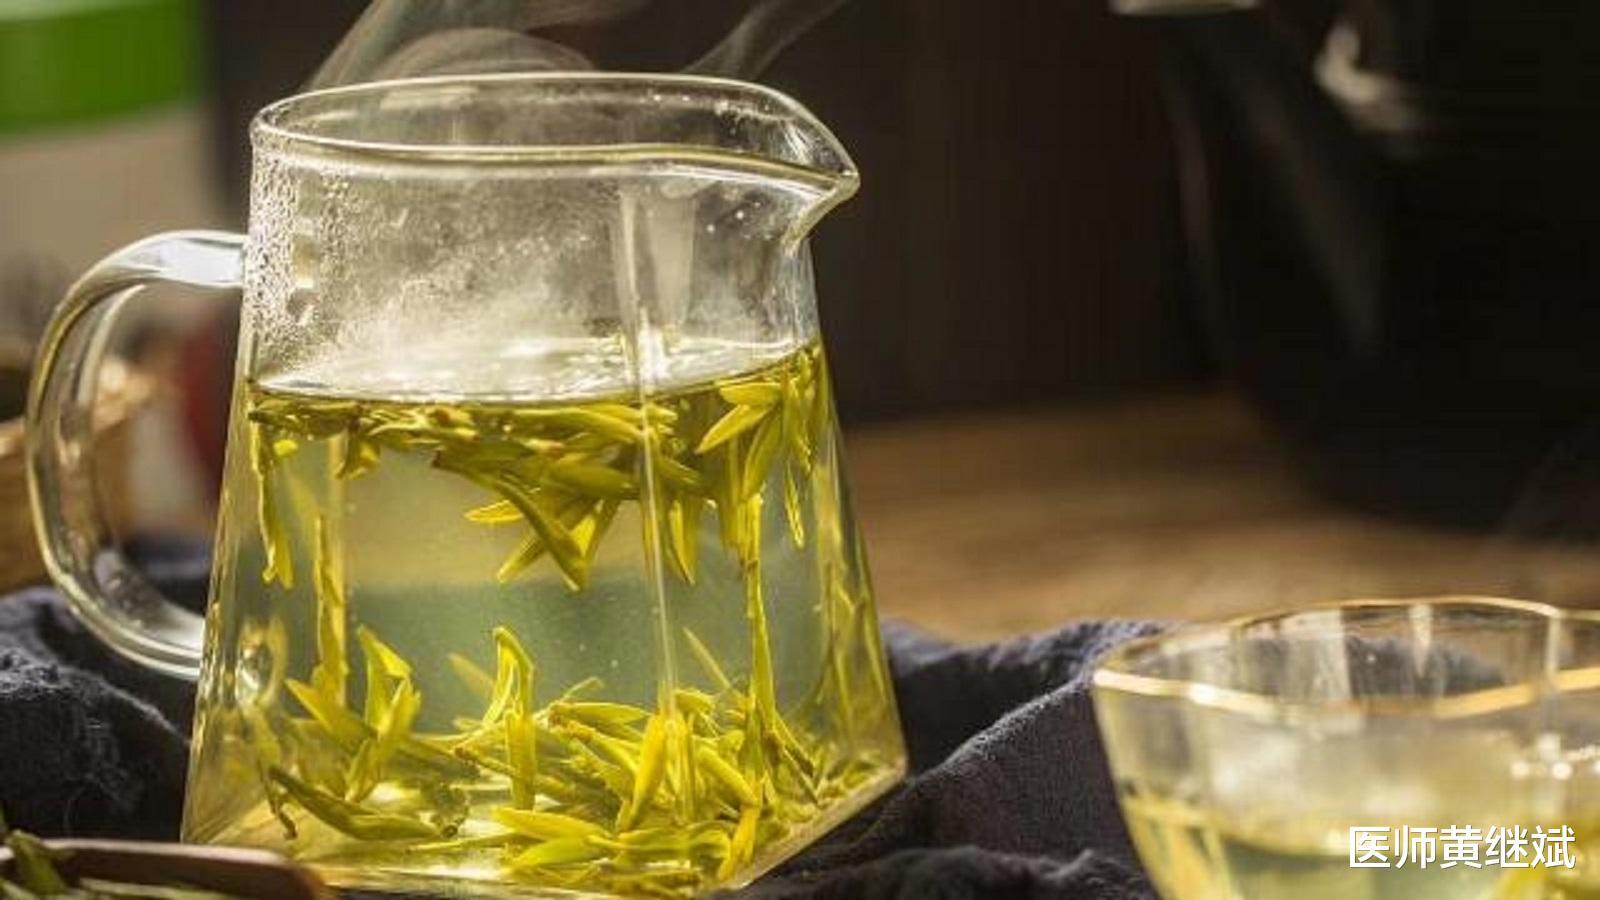 夏季必备养生饮品,比奶茶更健康,绿茶的功效和作用有哪些?